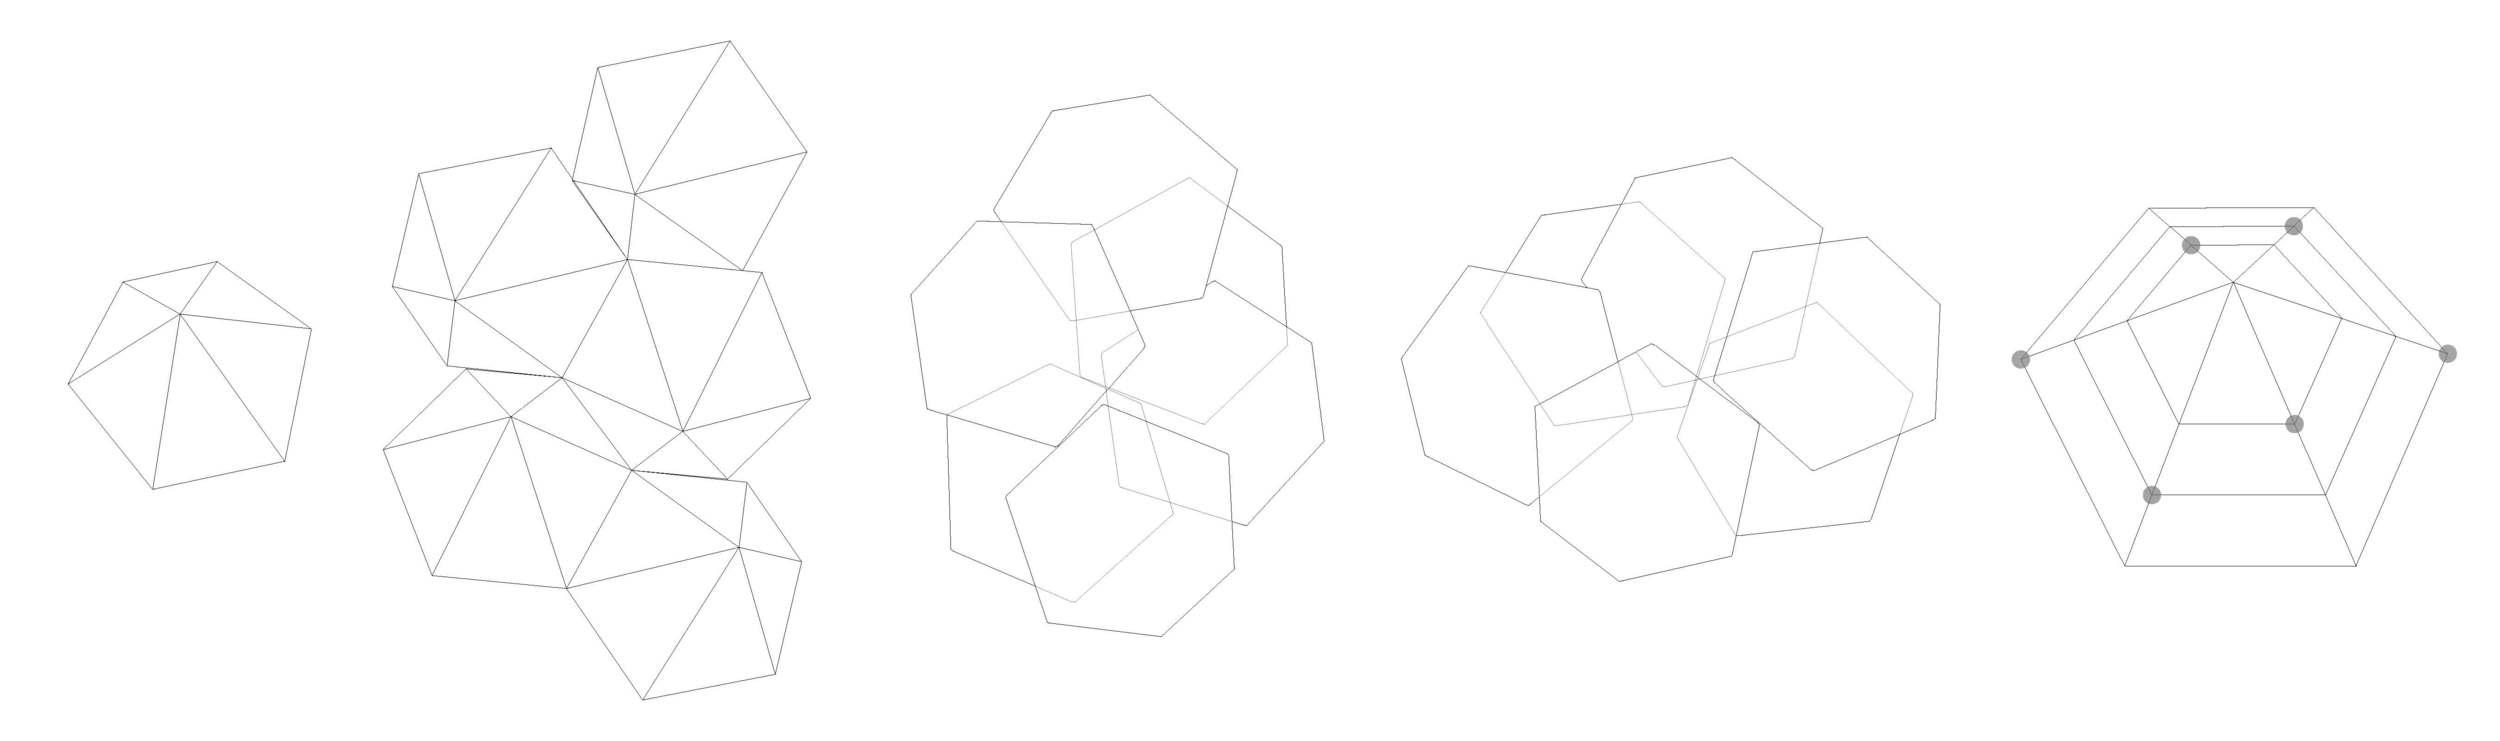 Aqua Diagrams.jpg